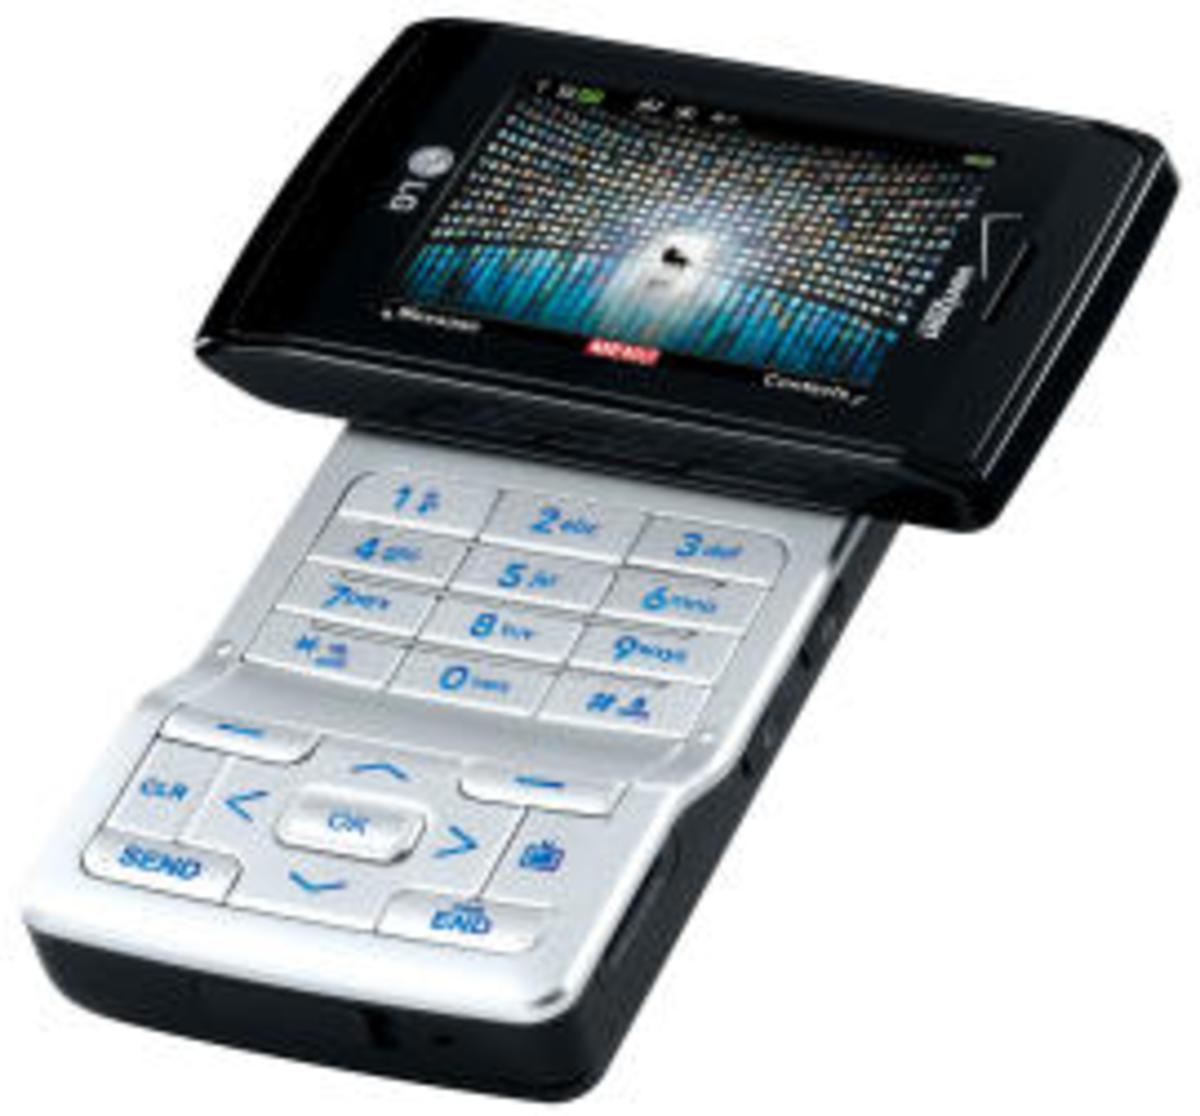 ISDN Video Phone